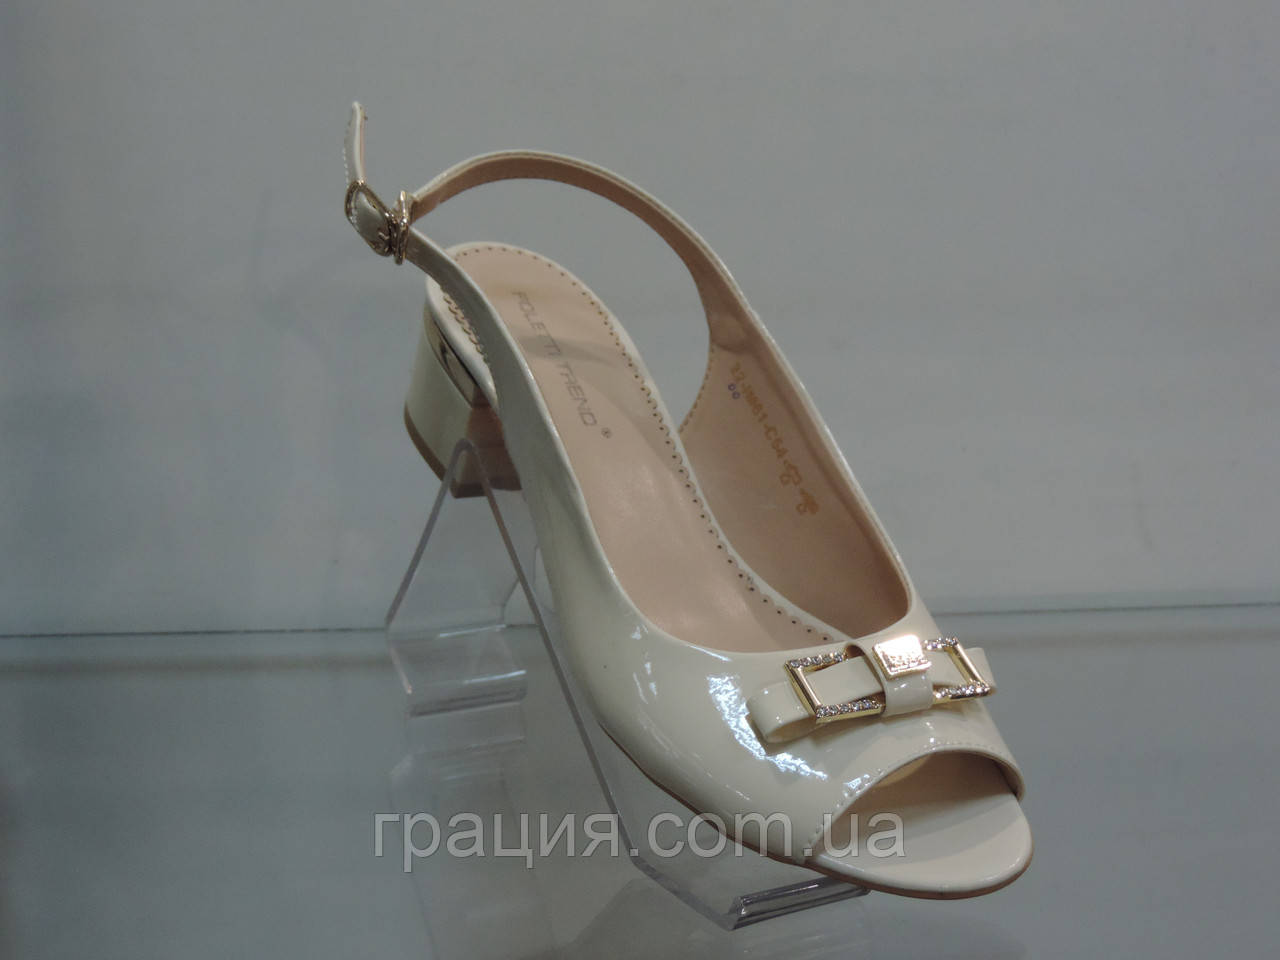 Стильные женские босоножки на удобном каблуке